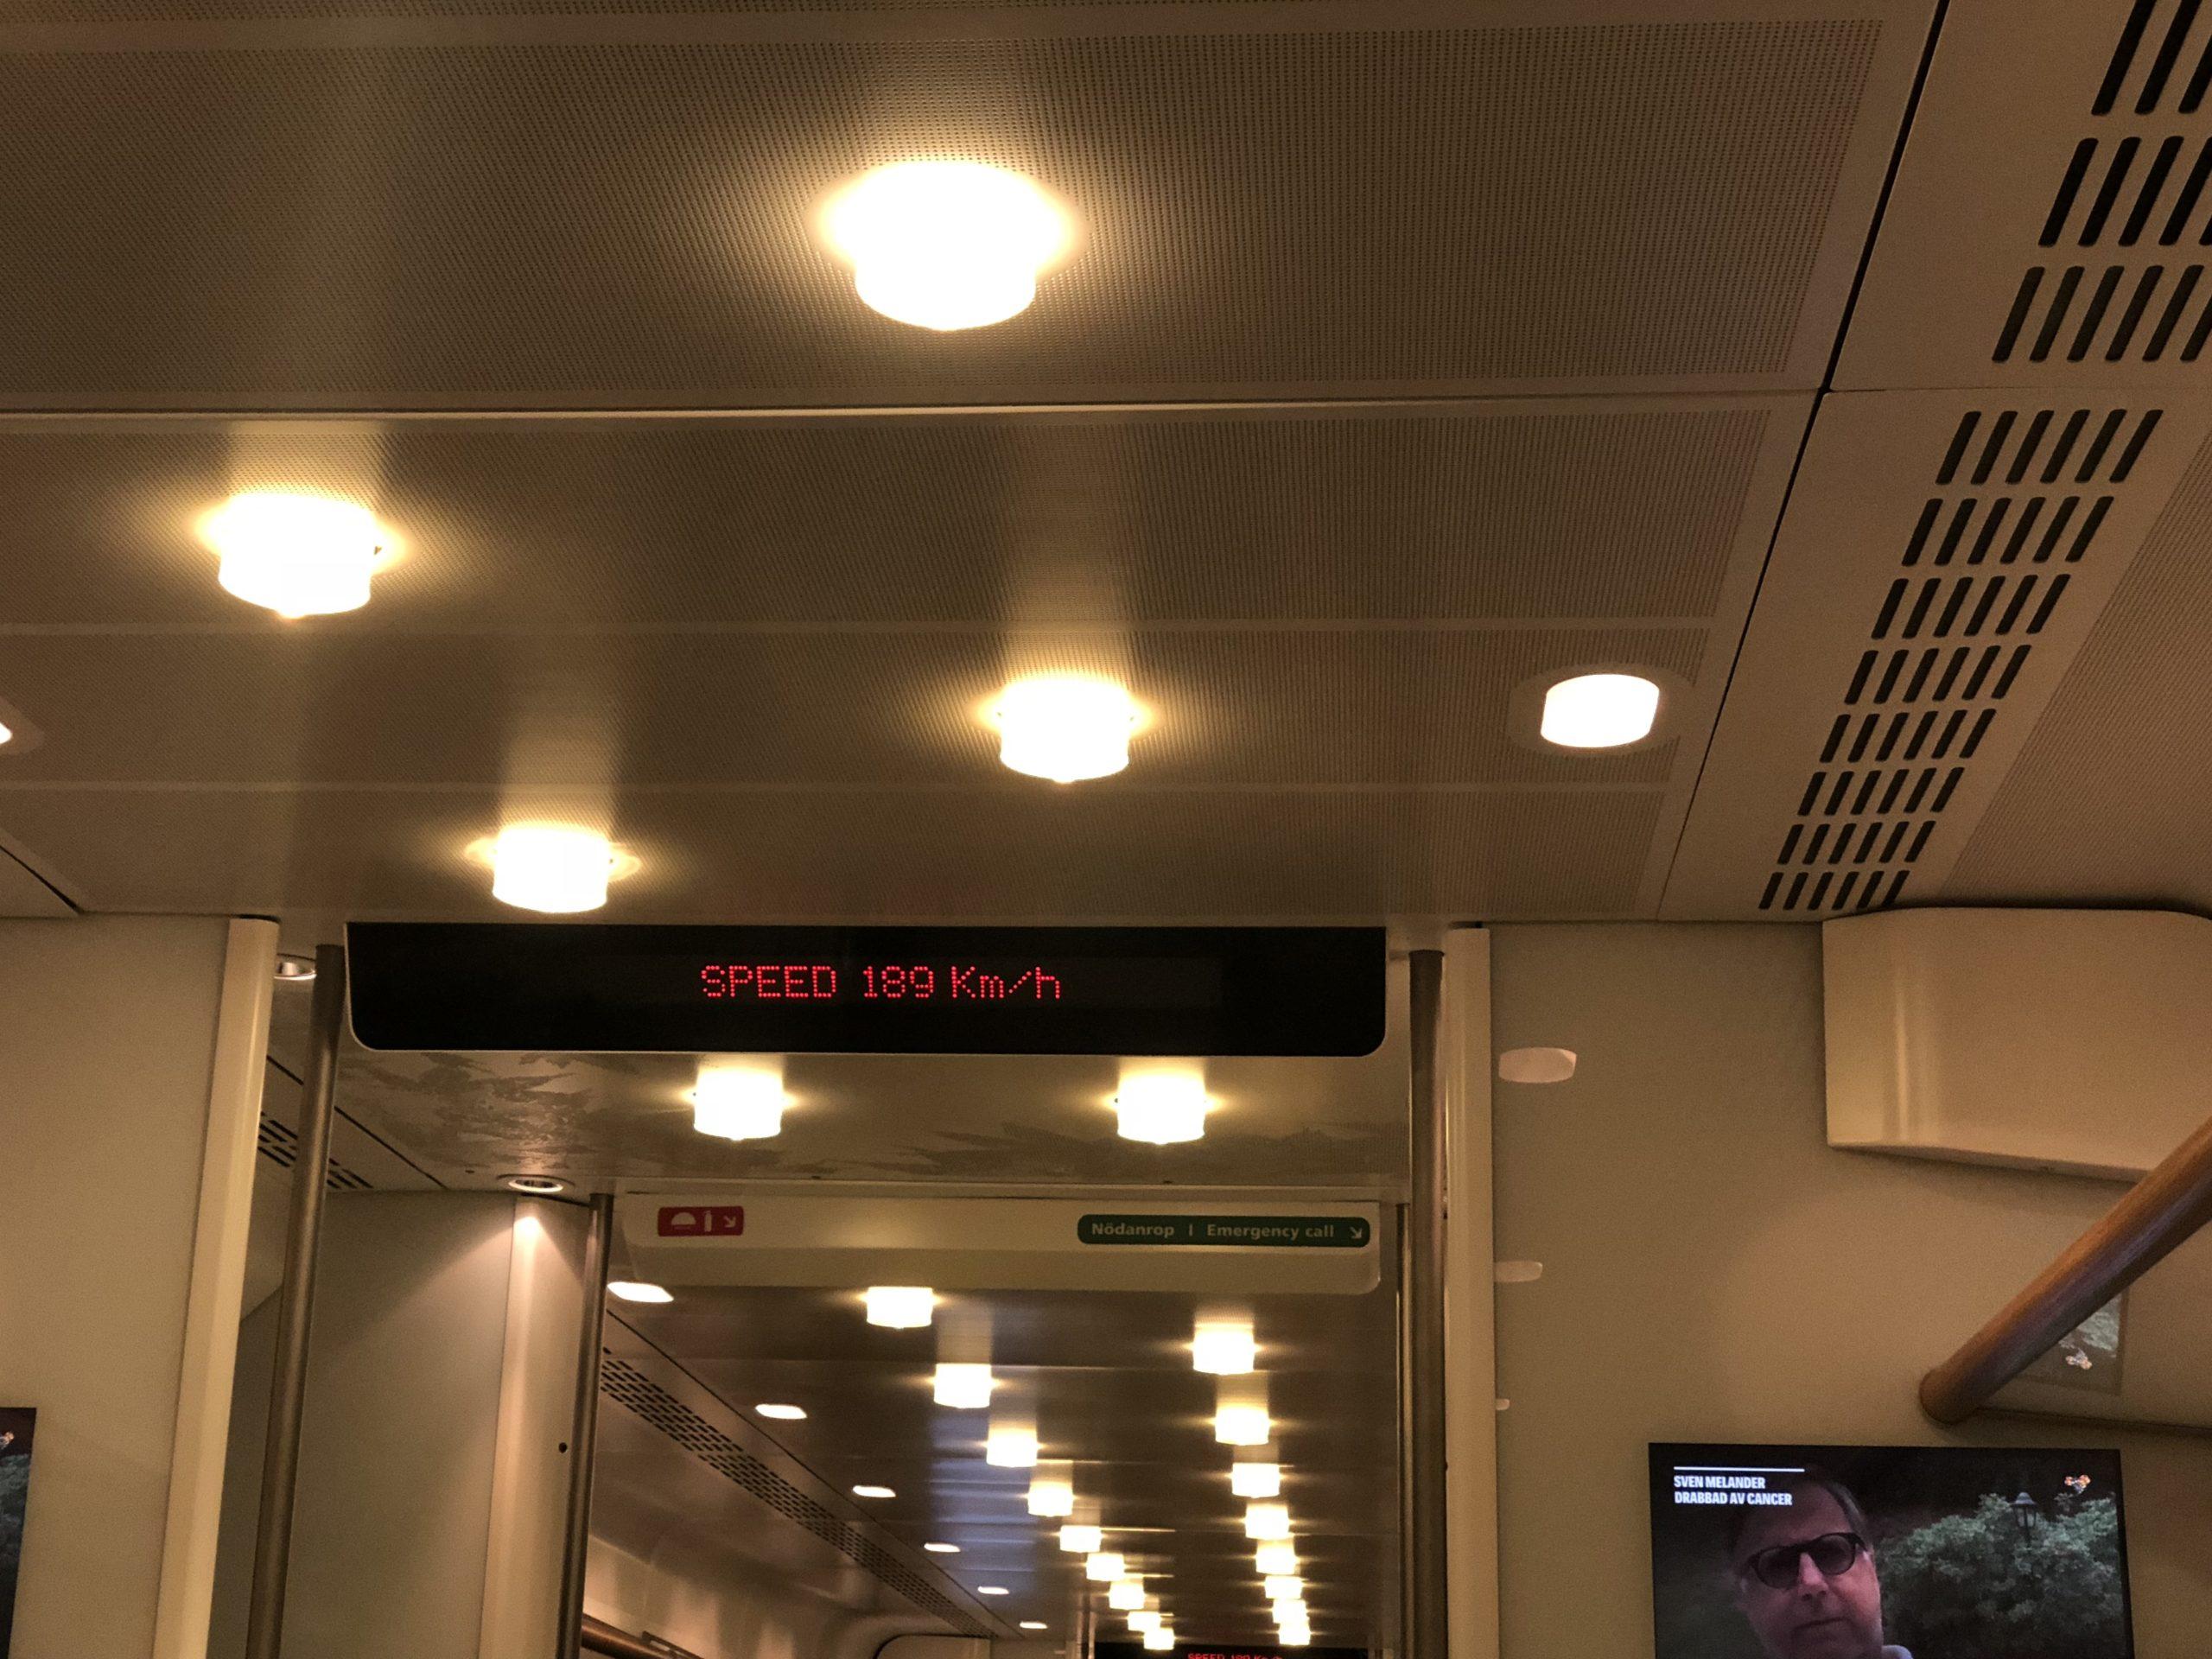 Arlanda Express - 39 km w20 minut zprędkością blisko 200 km/h za540 SEK wdwie strony.